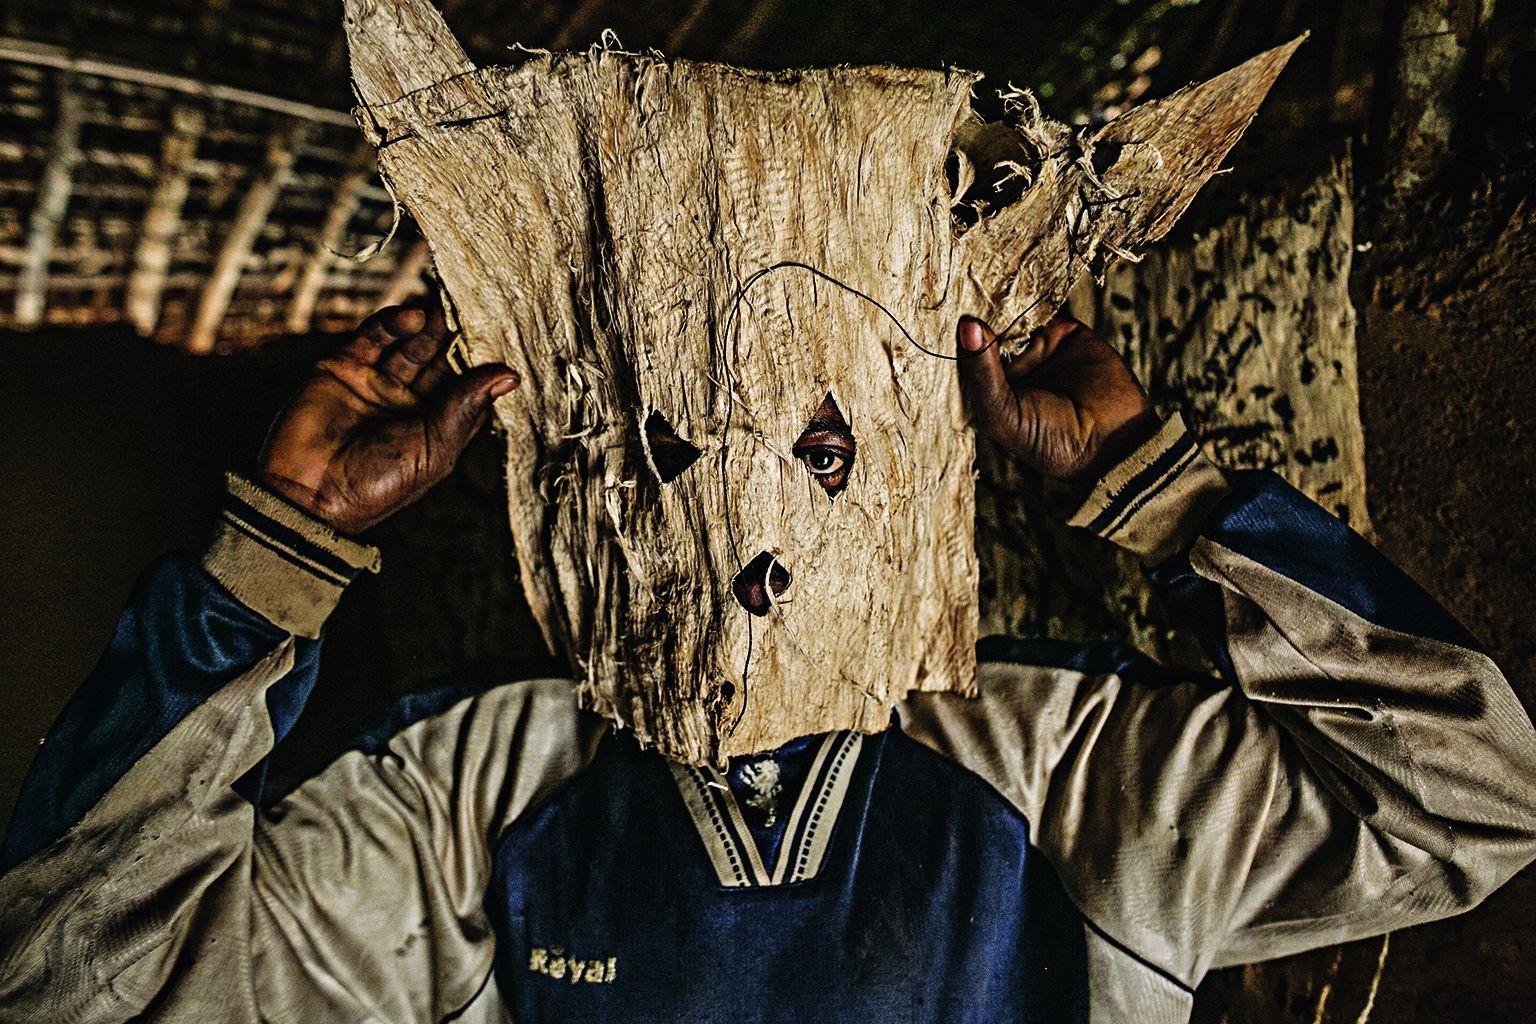 危險獵物。剛果民主共和國一座小村落的獵人調整他追蹤獵物時所要戴的面具。食用受感染的野生動物是伊波拉病毒傳給人類的途徑之一。攝影:彼特.穆勒 Pete Muller